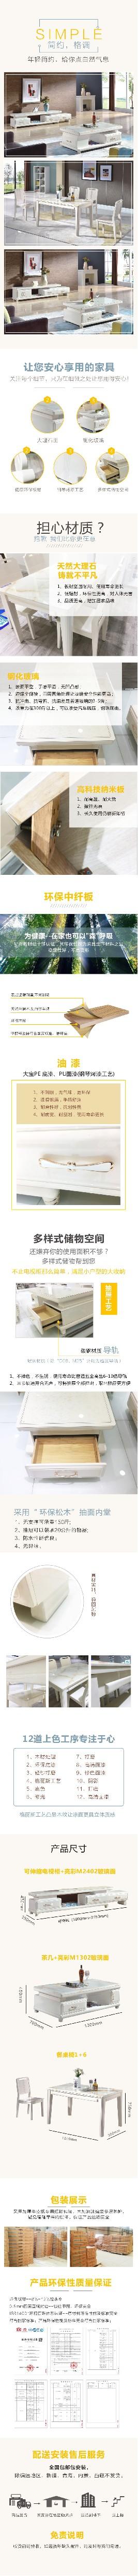 亿阳家私产品详情页设计_成都网页设计公司